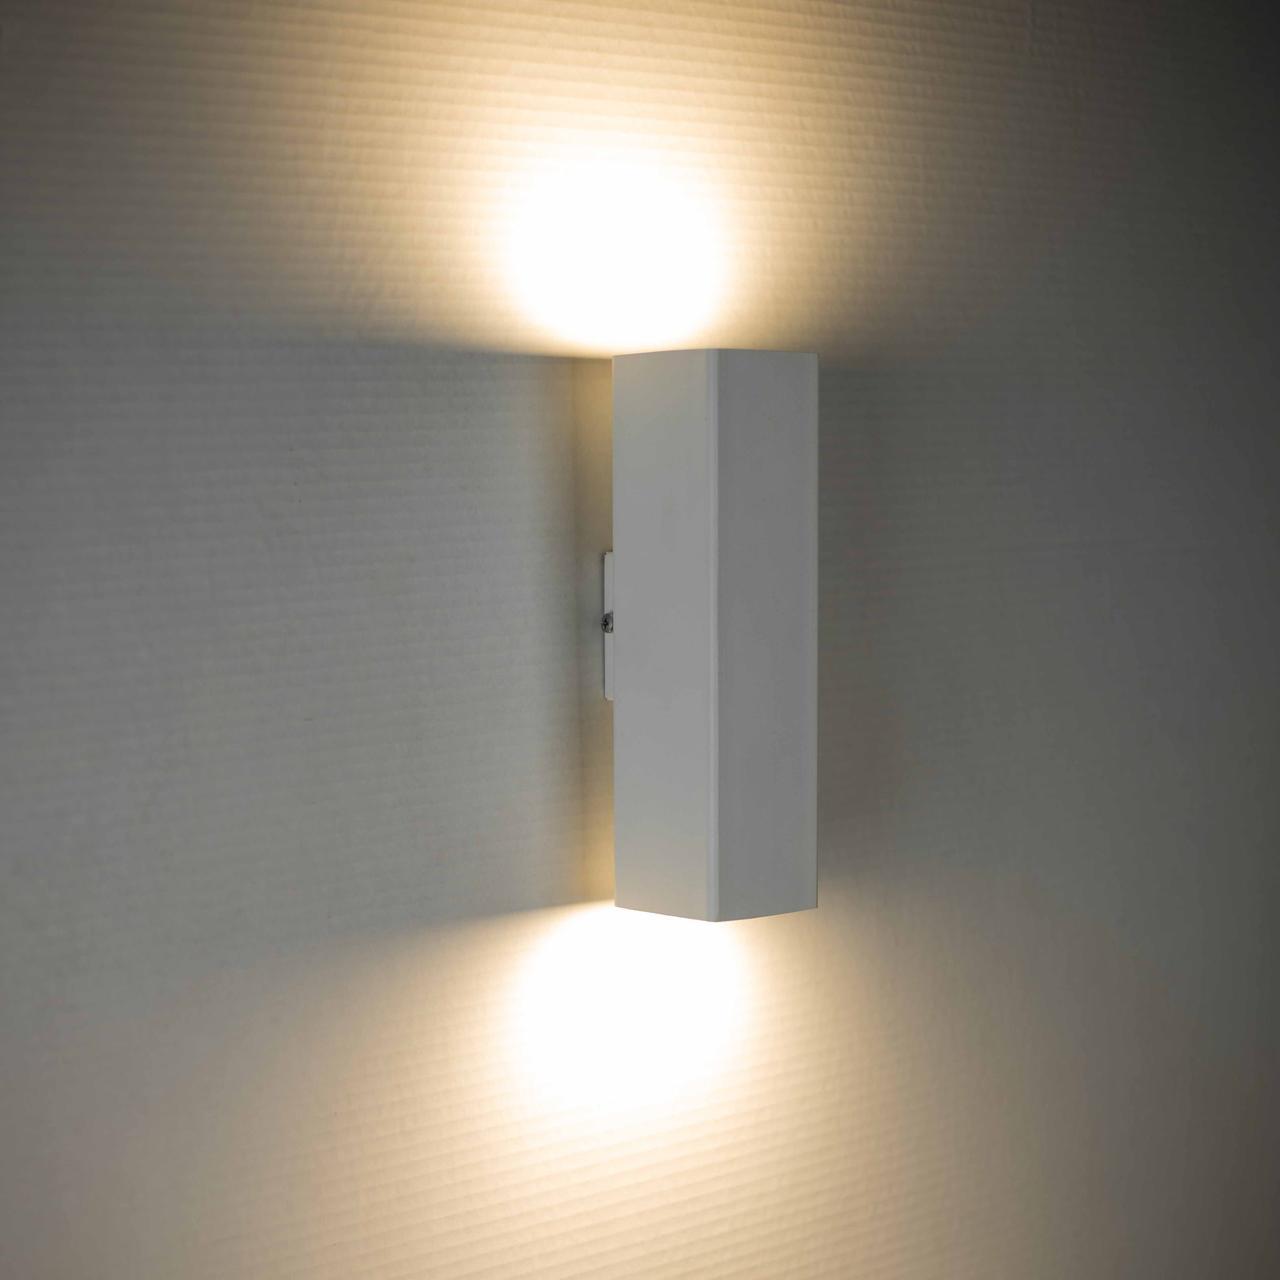 Світильник настінний під дві лампи квадрат Е27 SQ 2206 W MSK Electric